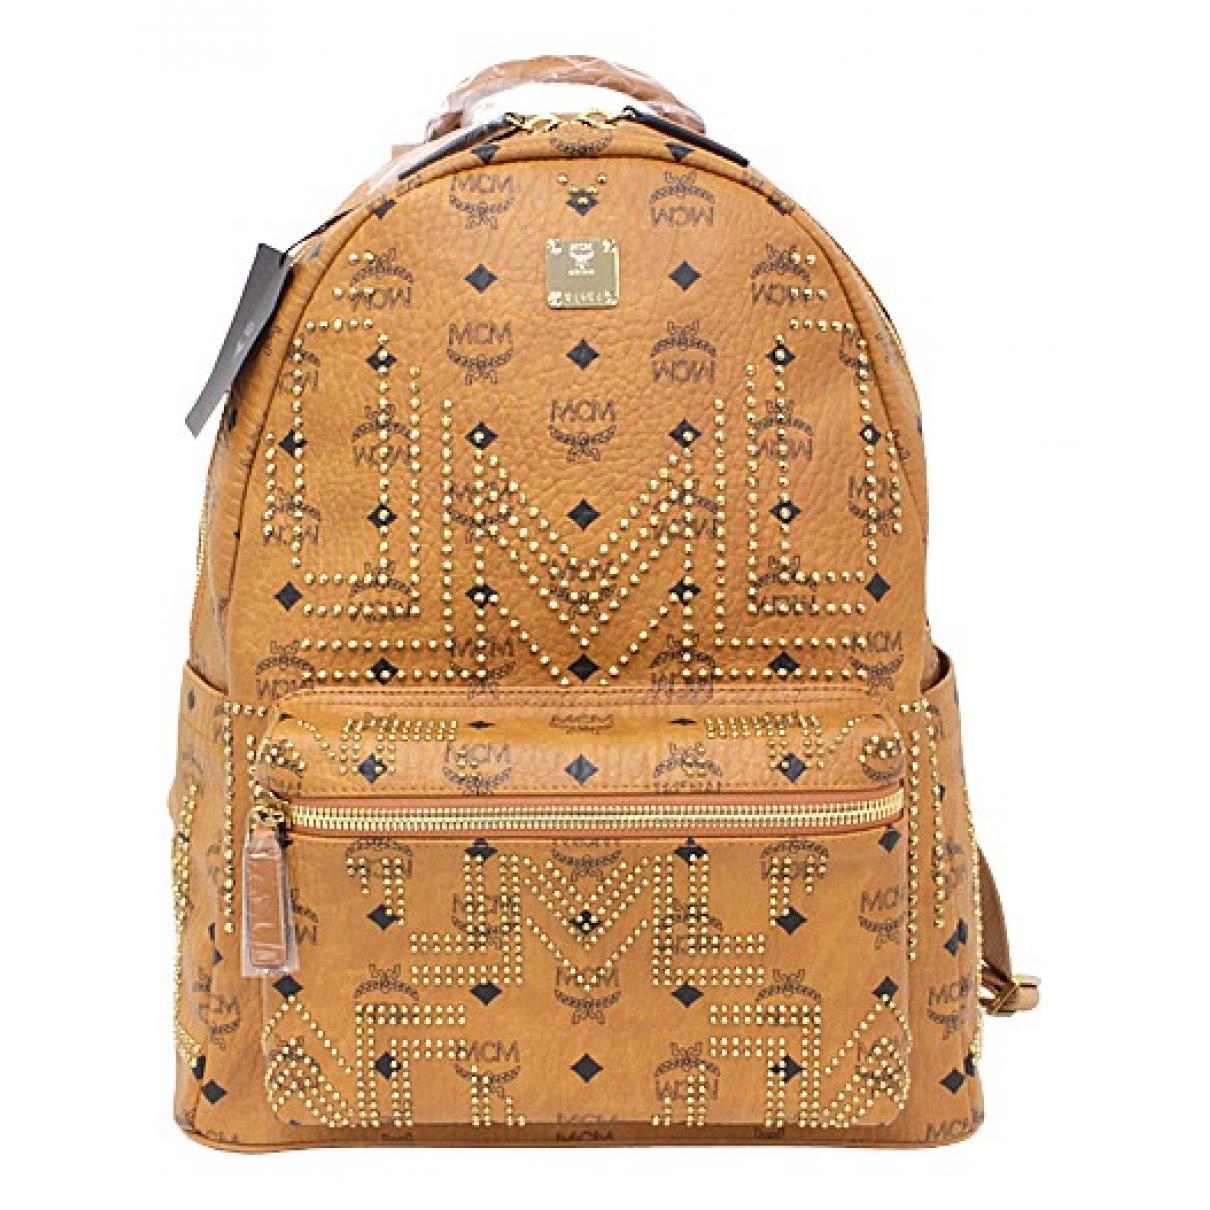 Mcm N Brown backpack for Women N